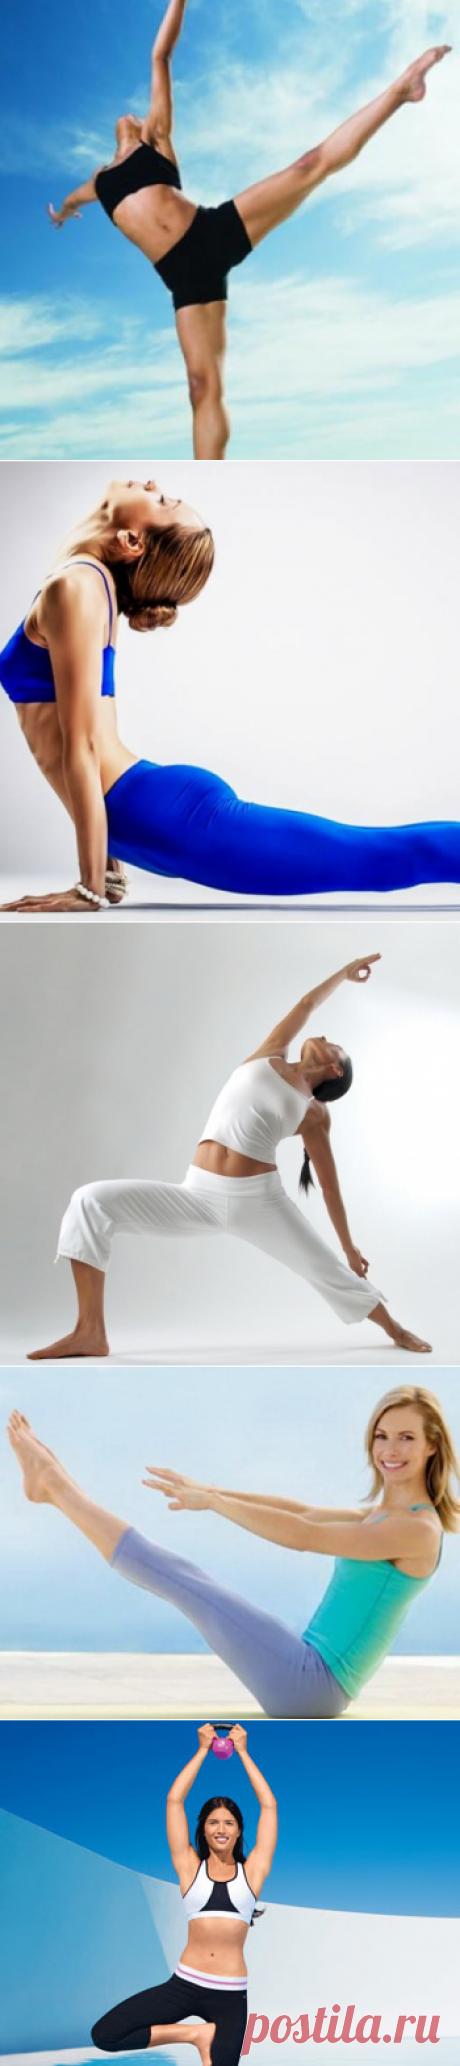 12 способов сделать свое тело сильным и красивым - МирТесен